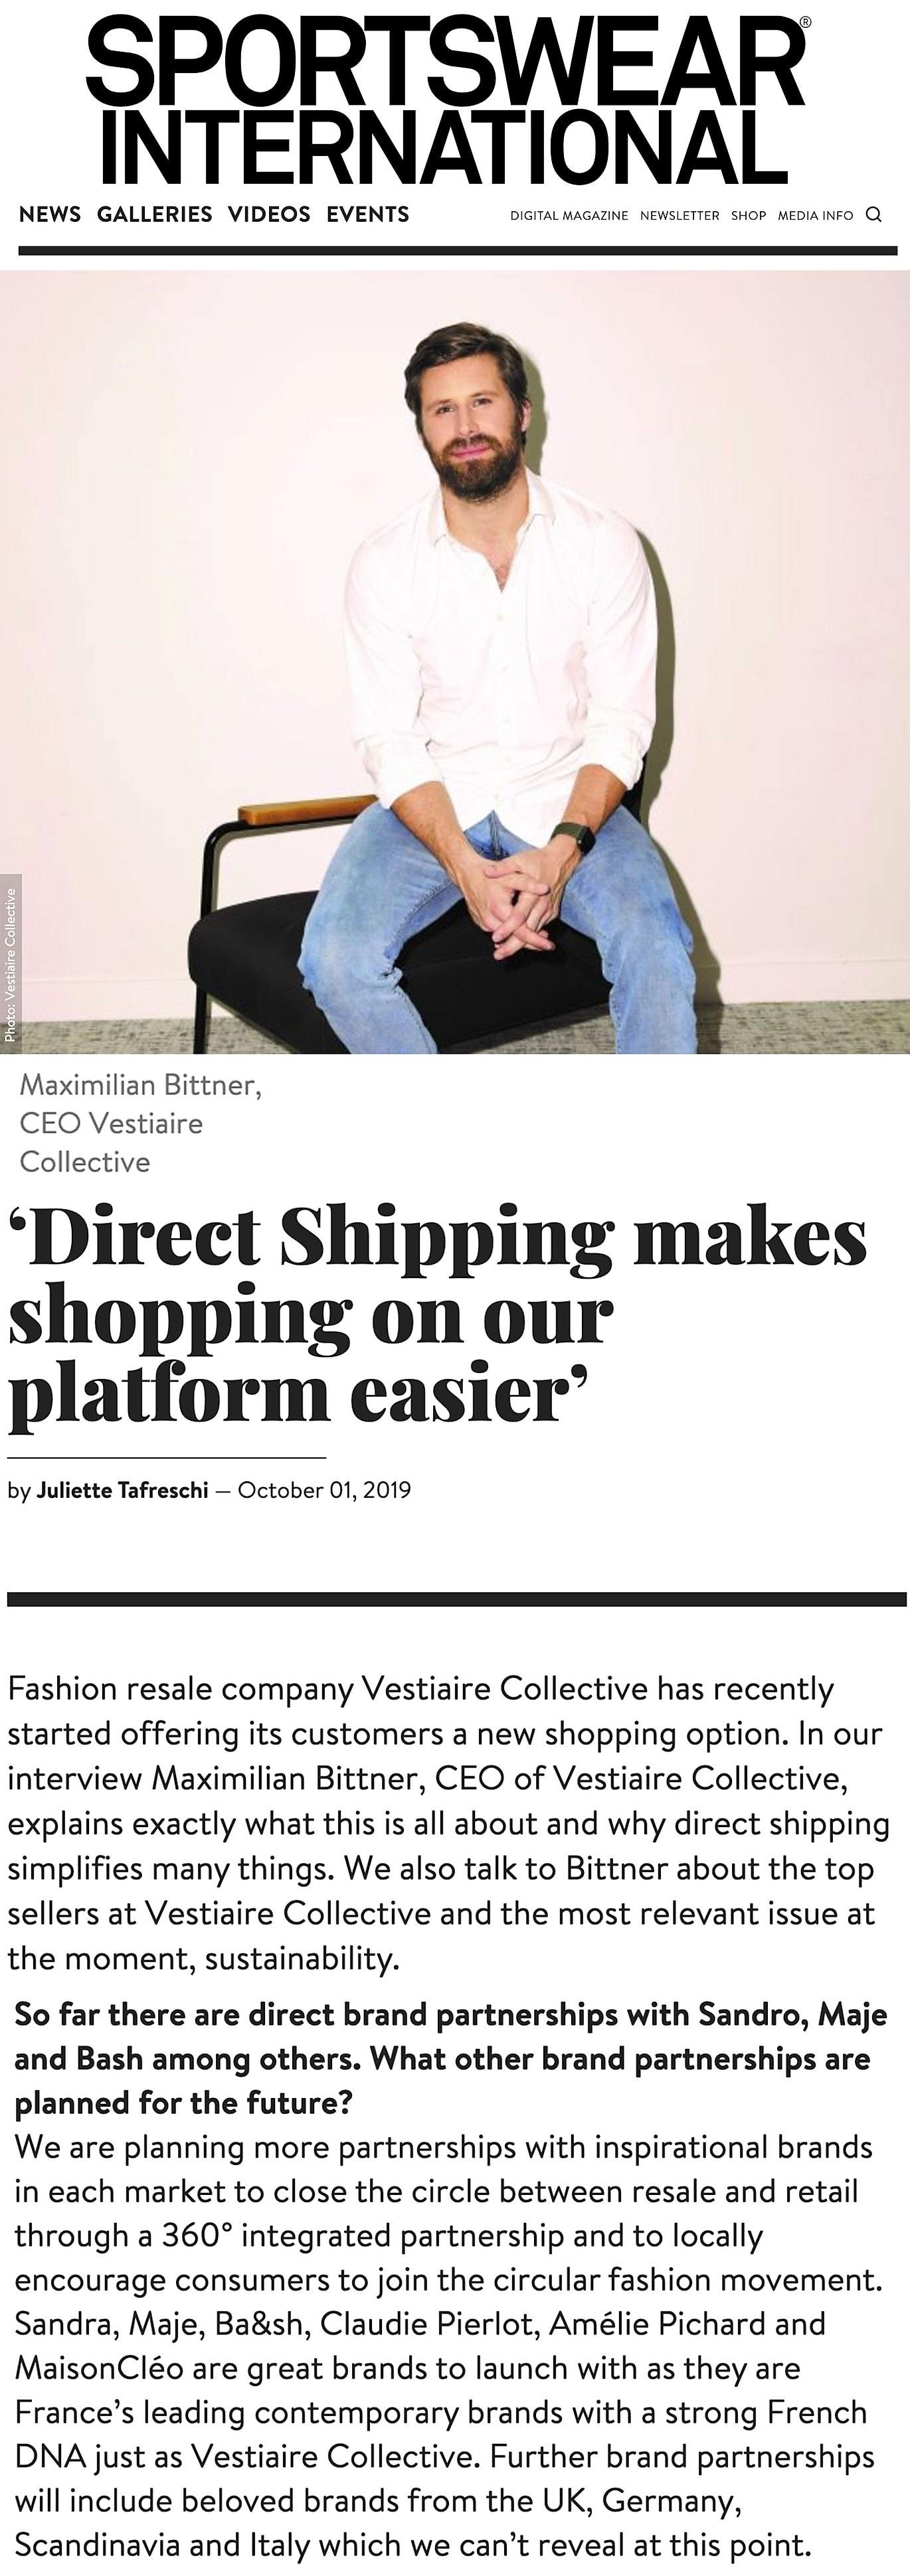 Sportswear / MaisonCléo